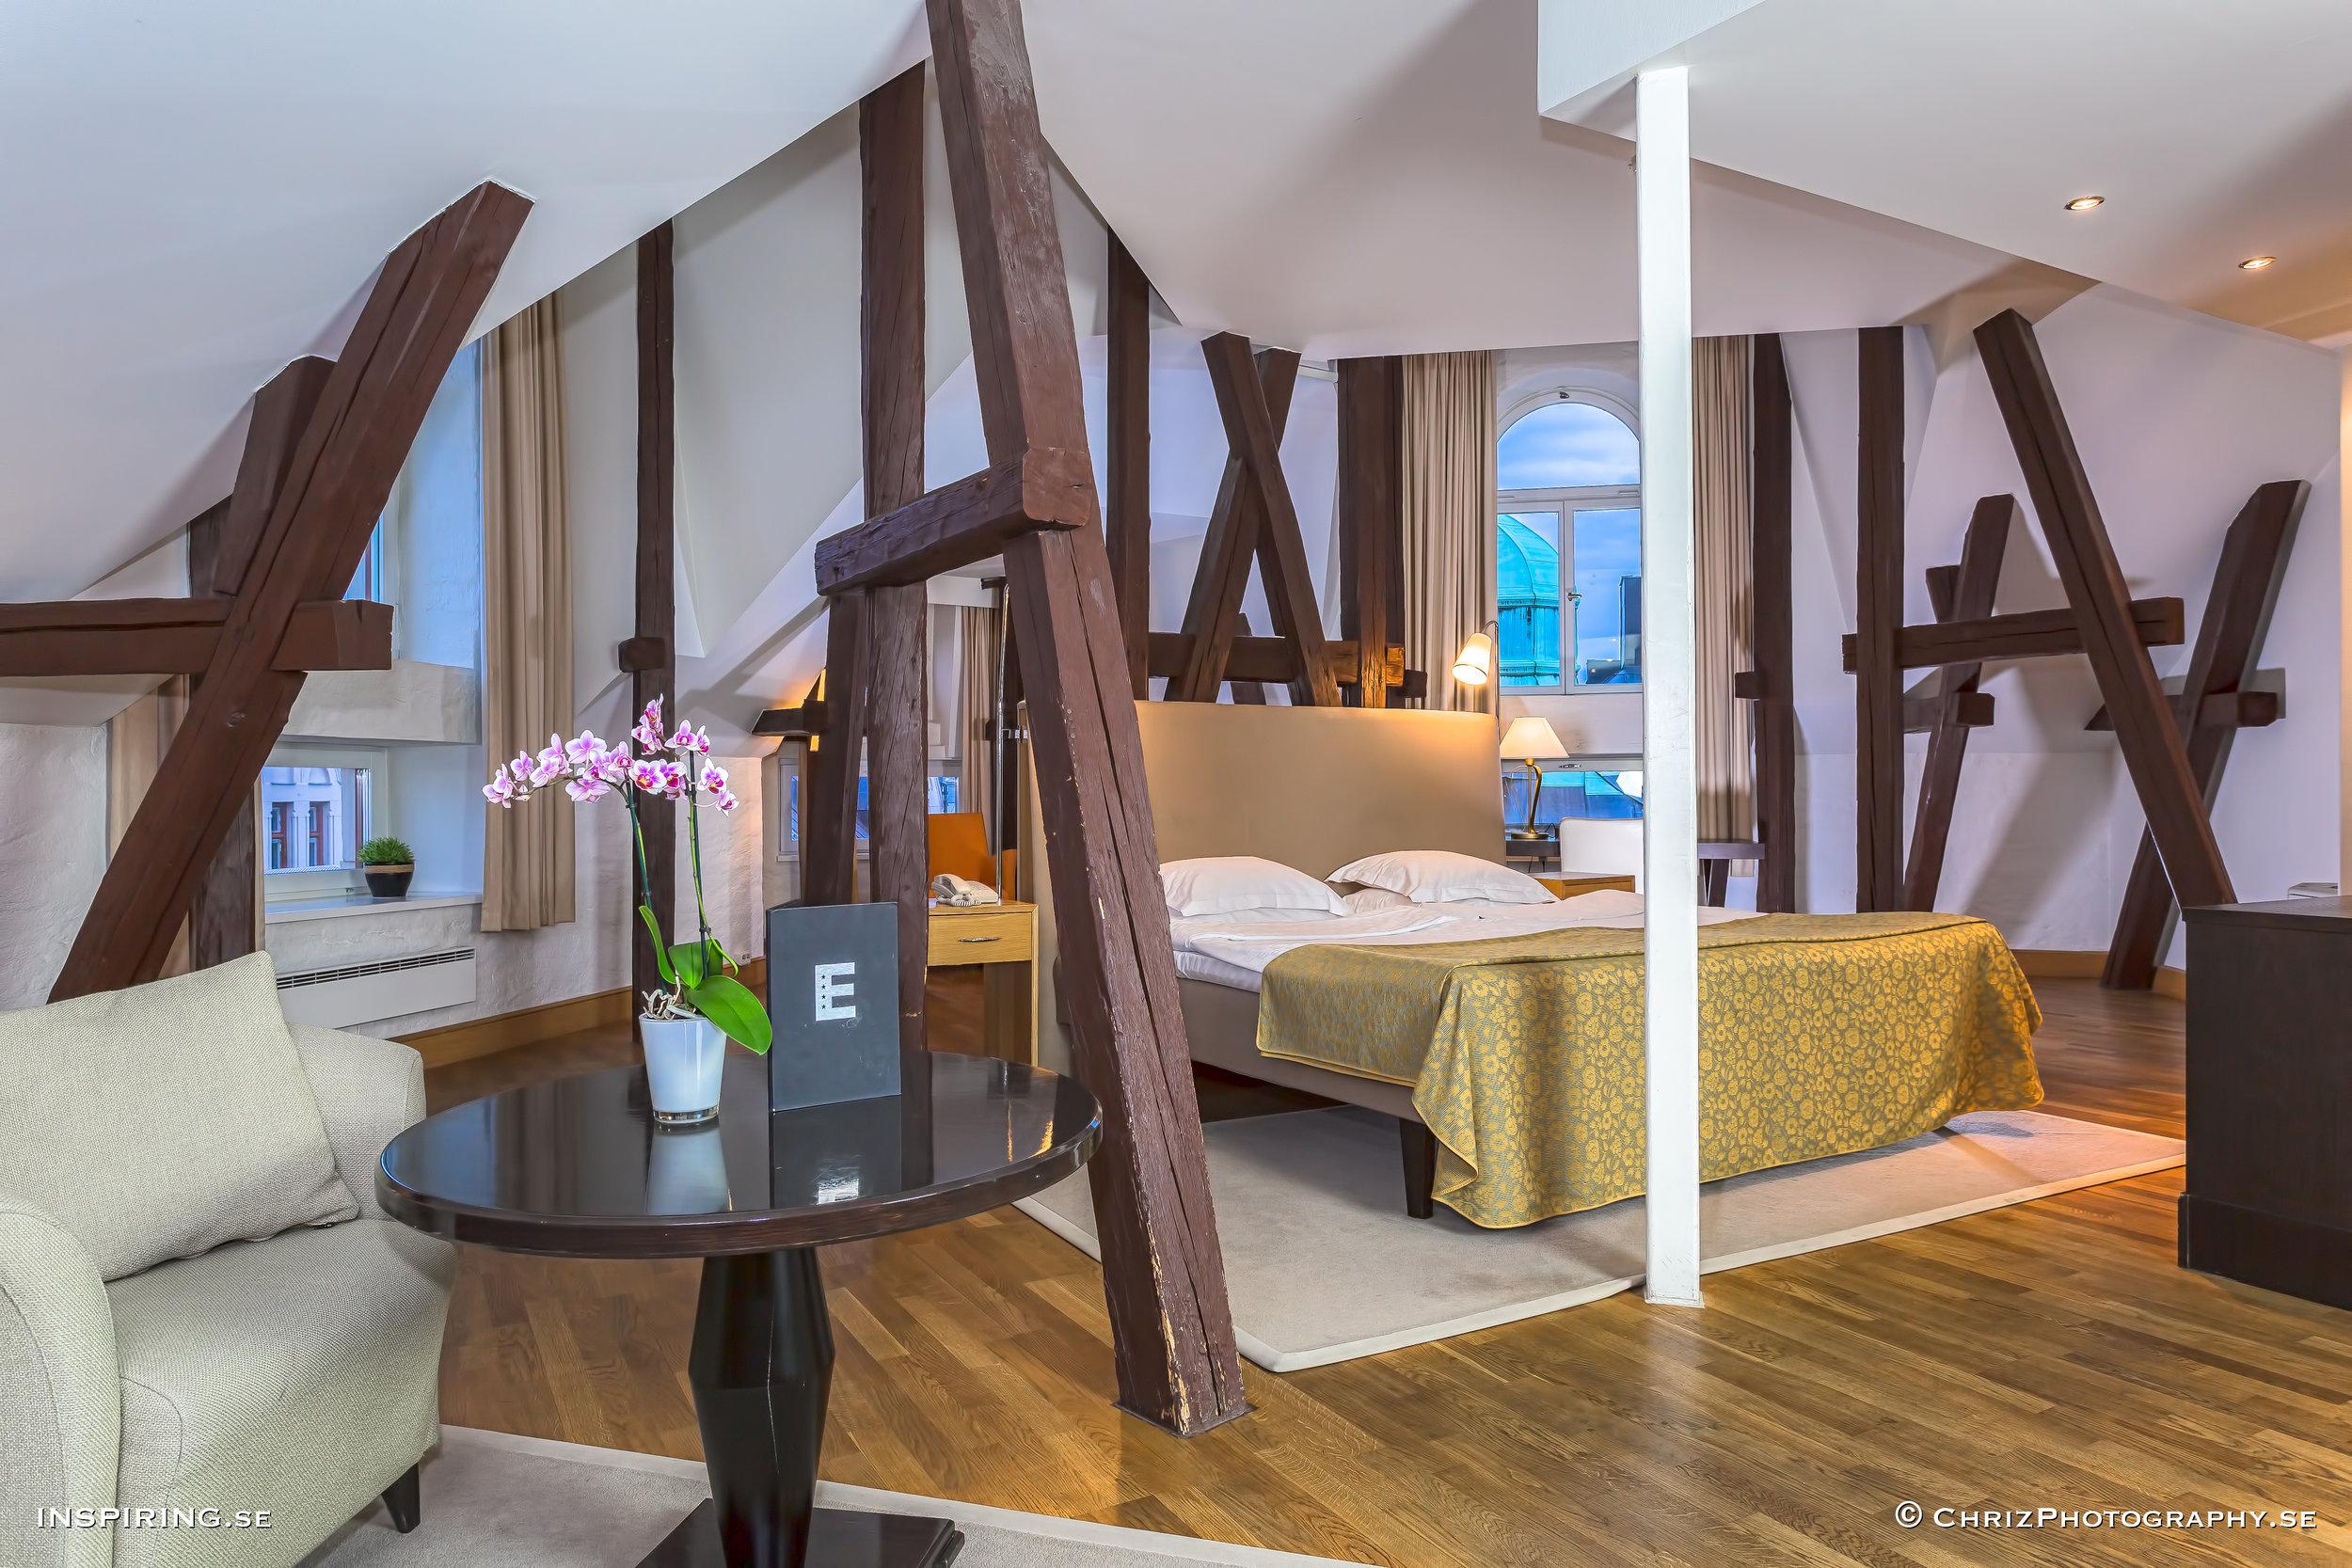 Elite_Hotel_Knaust_Inspiring.se_copyright_ChrizPhotography.se_40.jpg